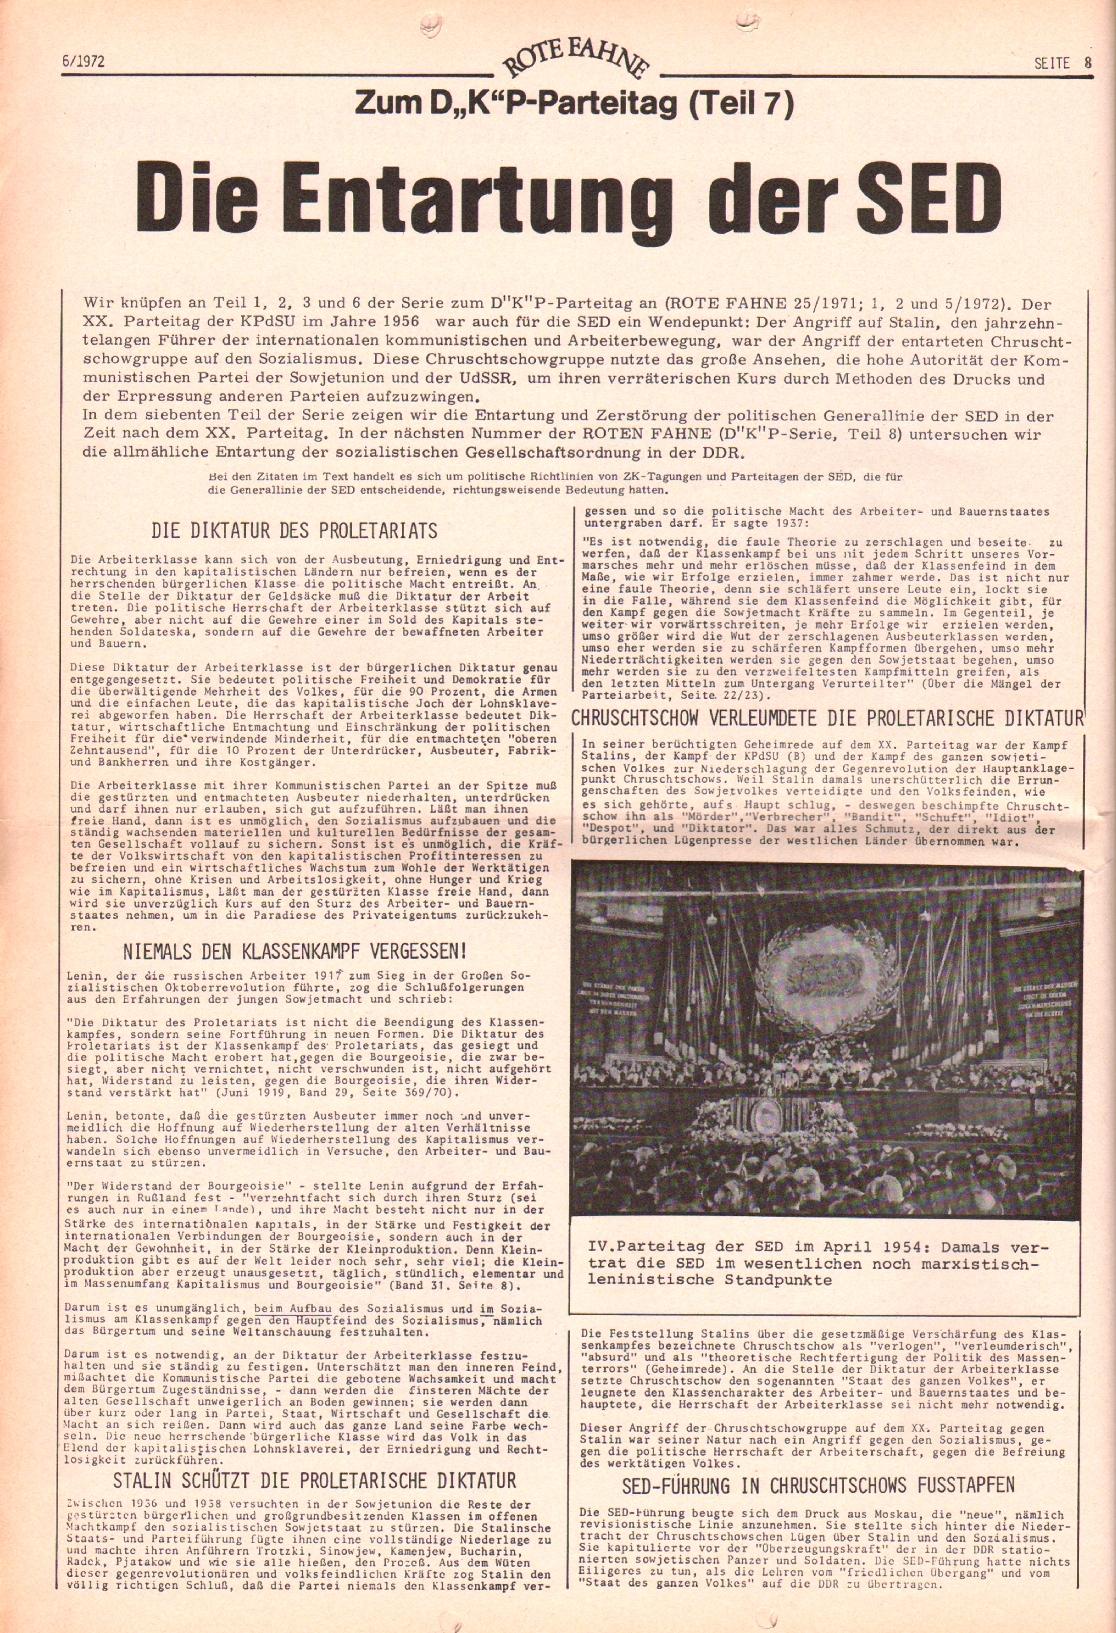 Rote Fahne, 3. Jg., 20.3.1972, Nr. 6, Seite 8